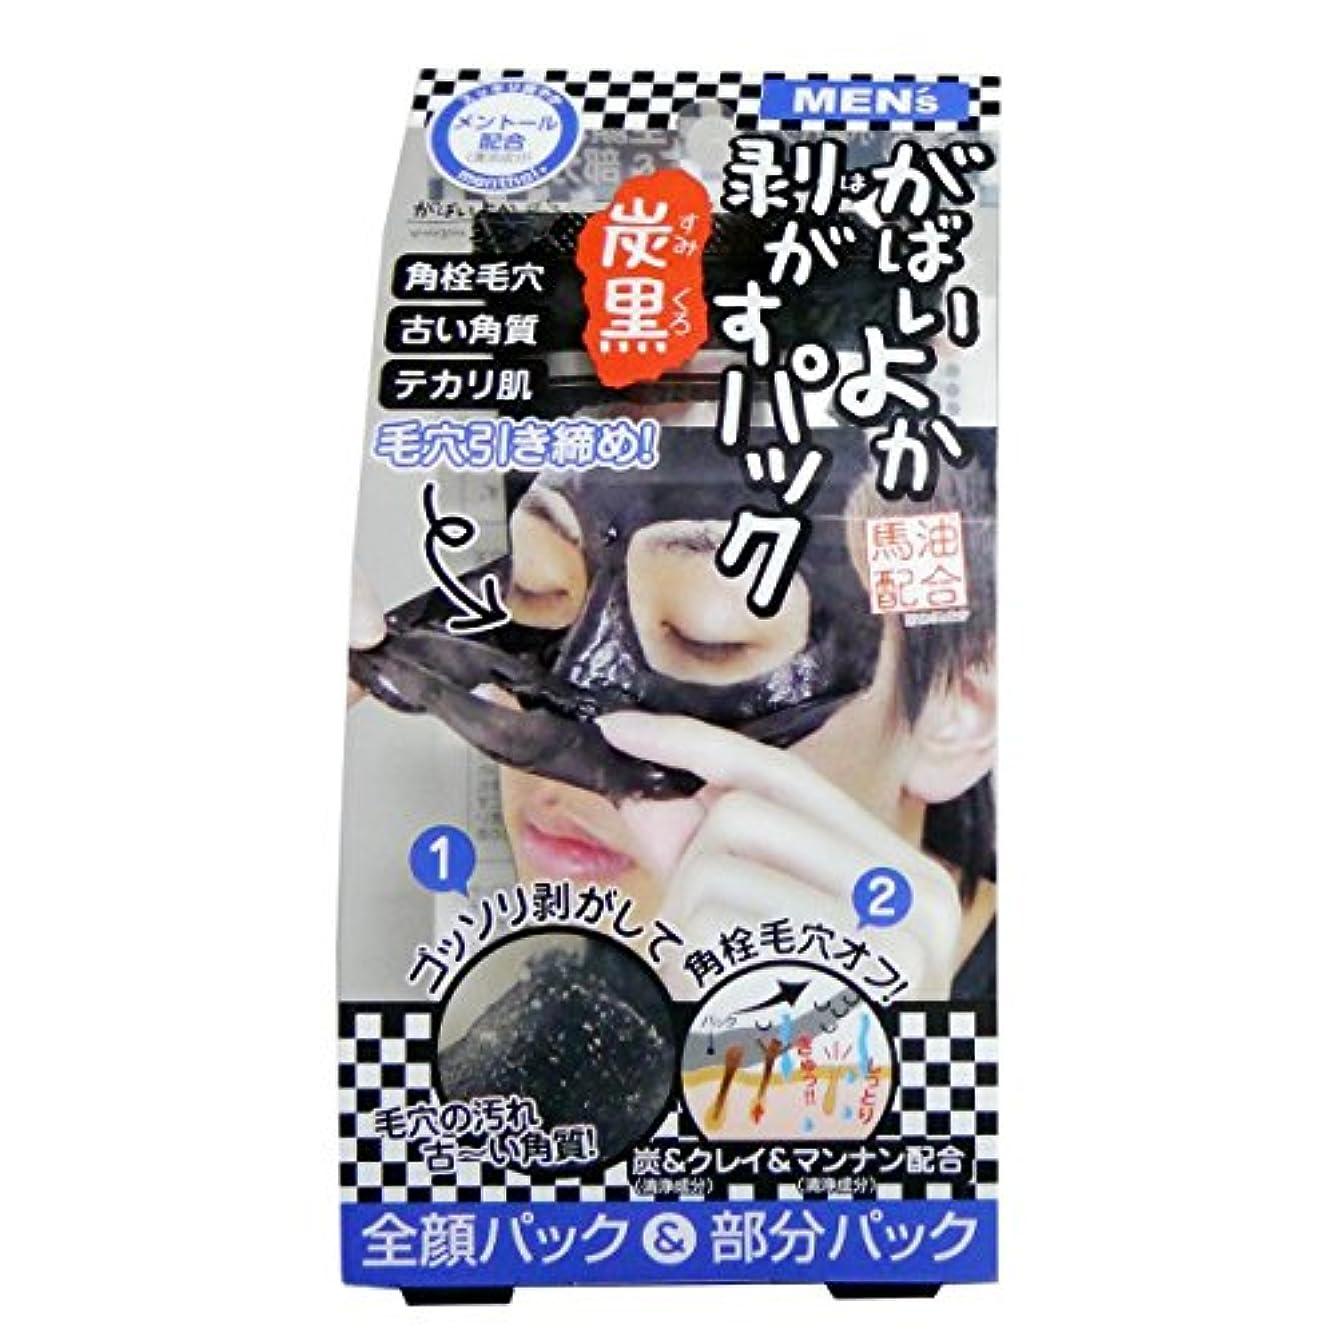 メーカー王族回復がばいよかコスメ メンズ 剥がすパック 炭黒 (90g)